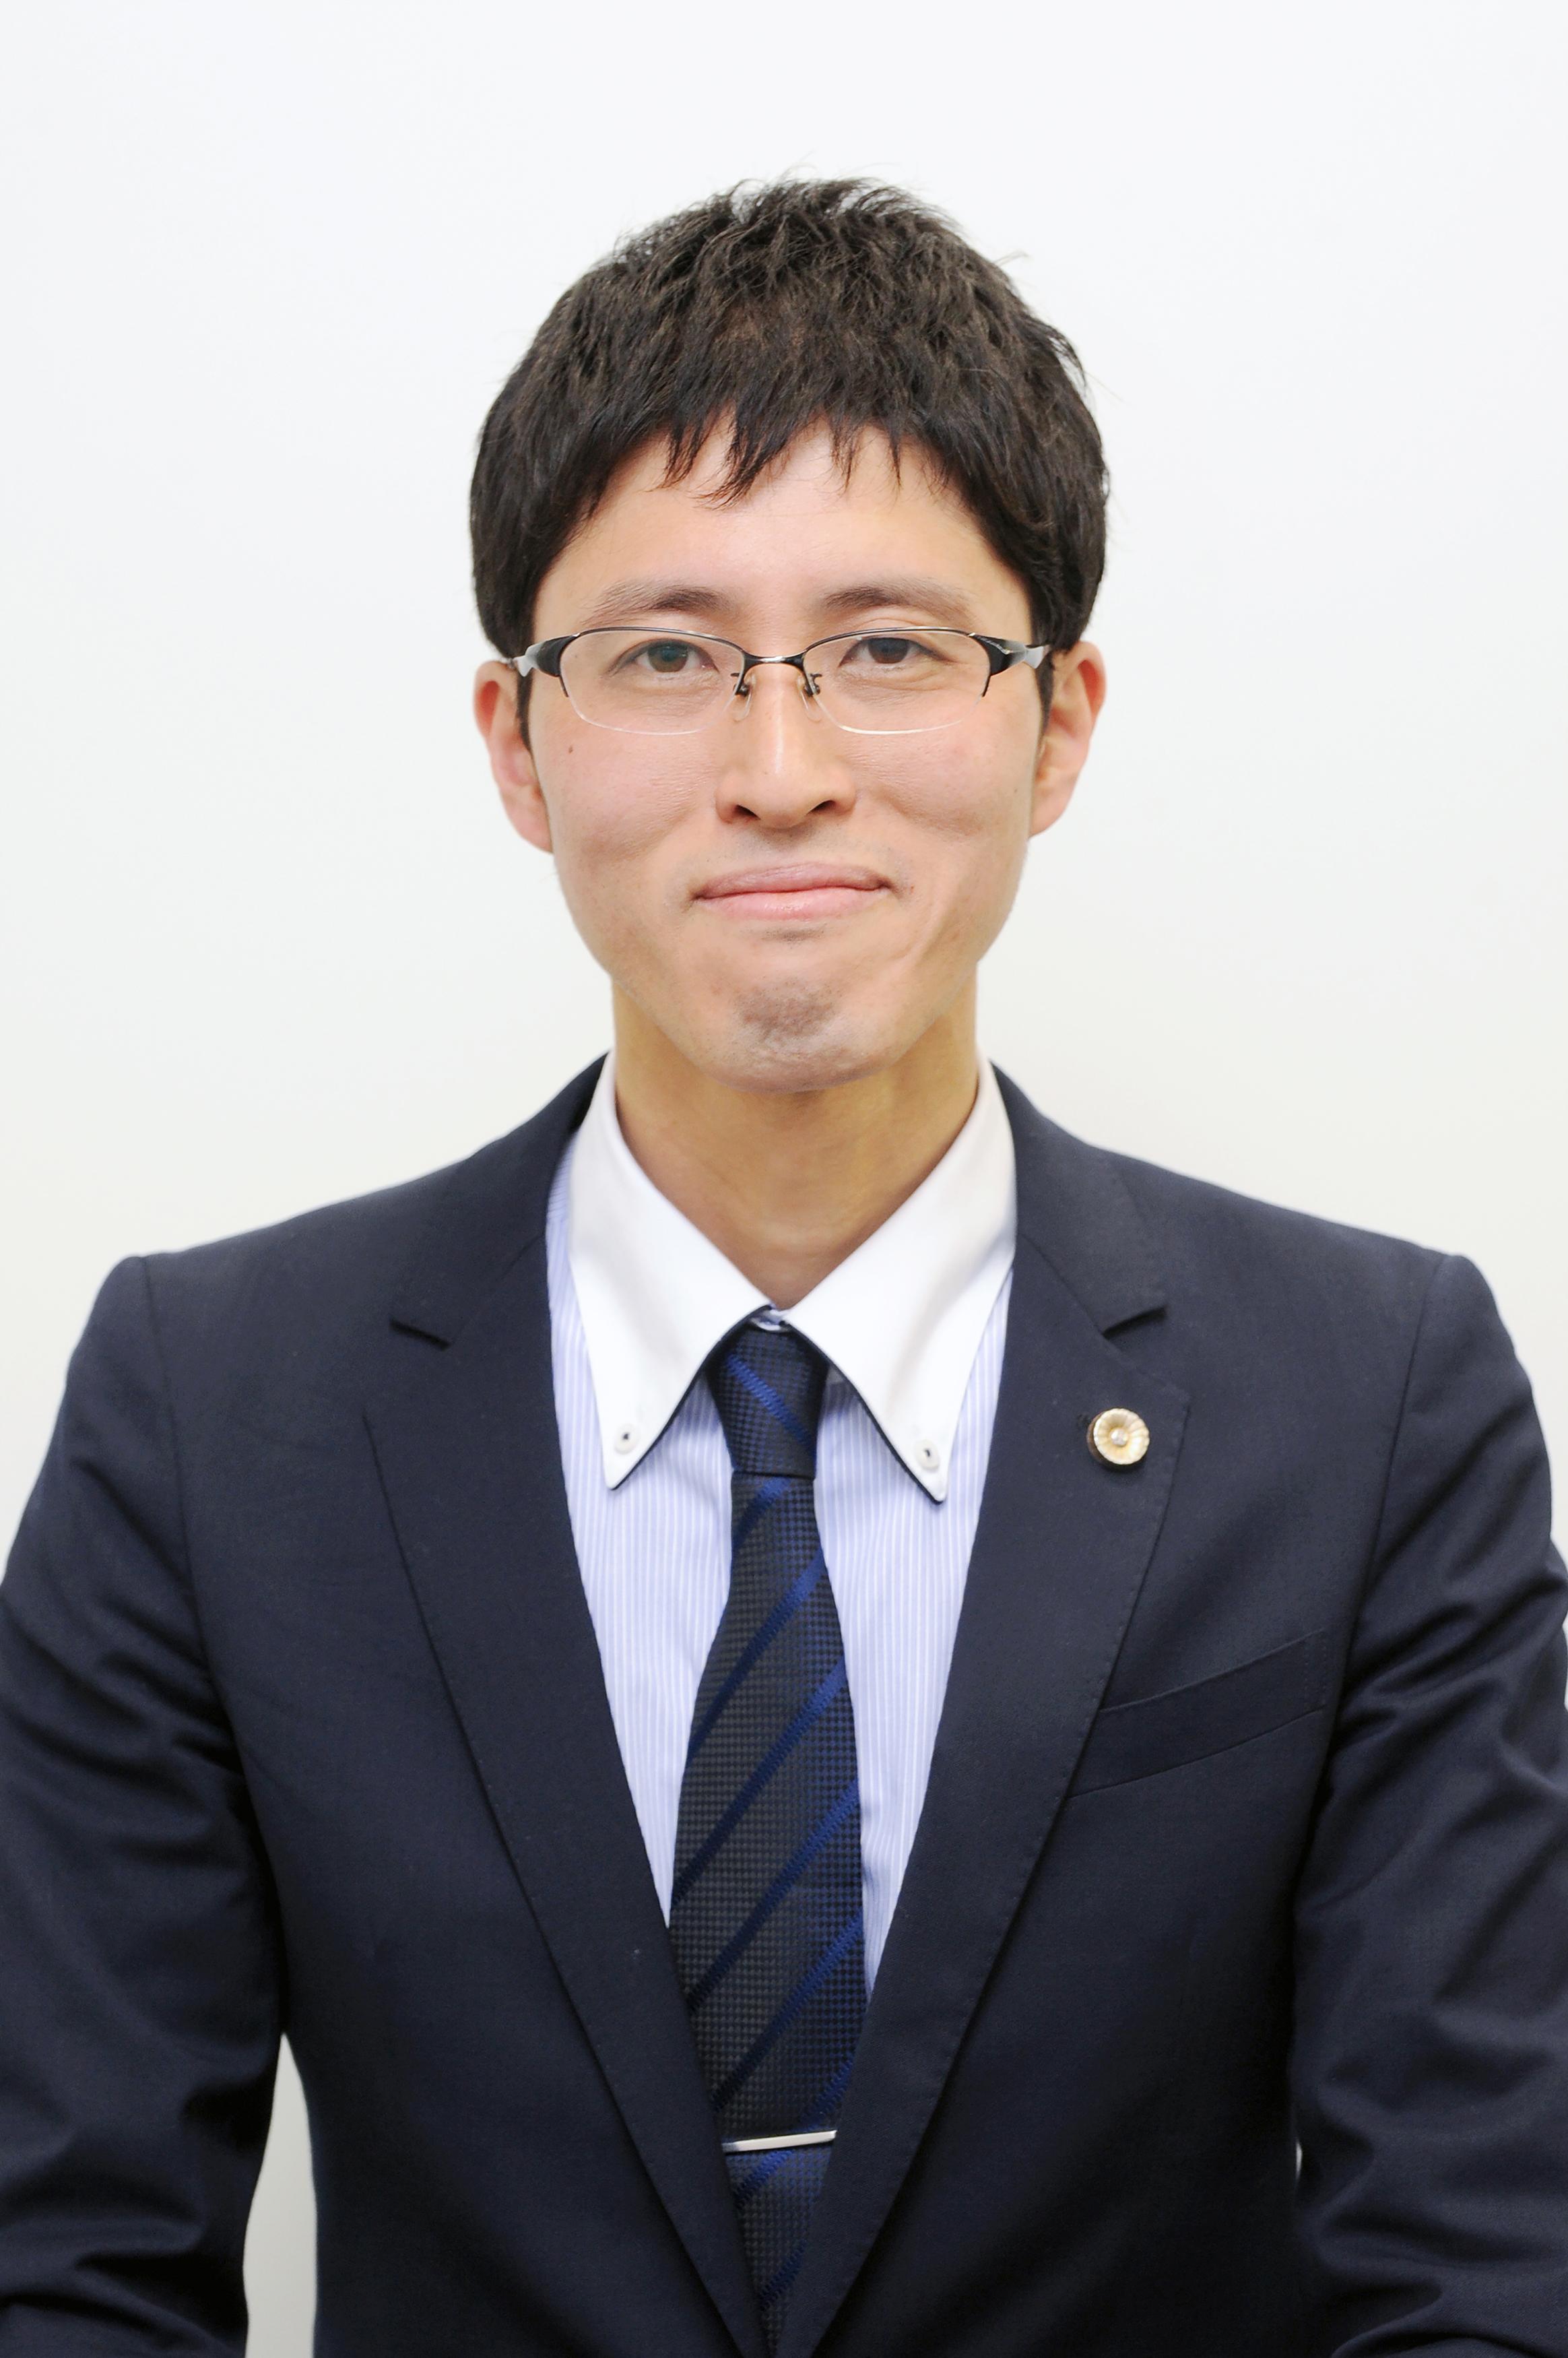 野田弁護士